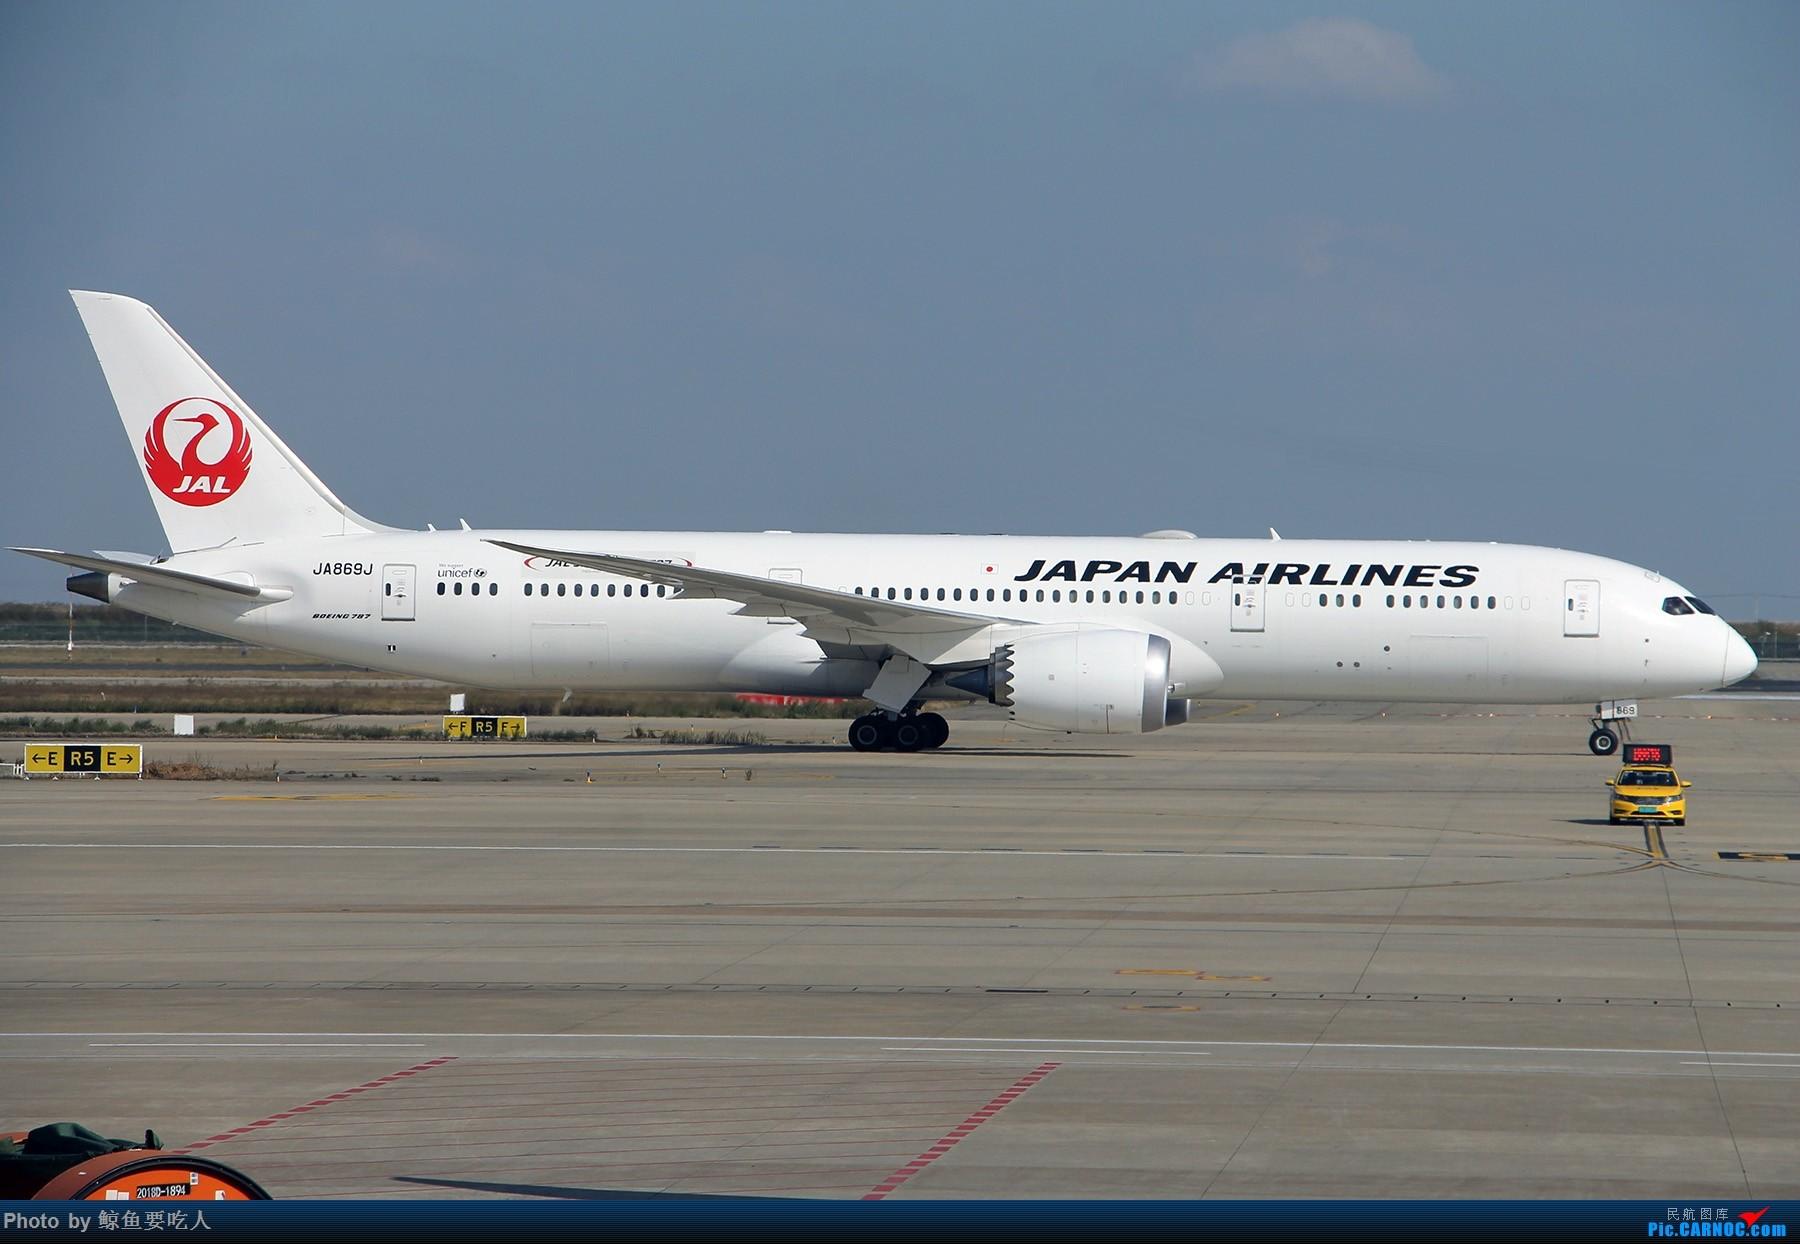 [原创]11月13日份的日航B789……JA869J,我在机场都蒙了